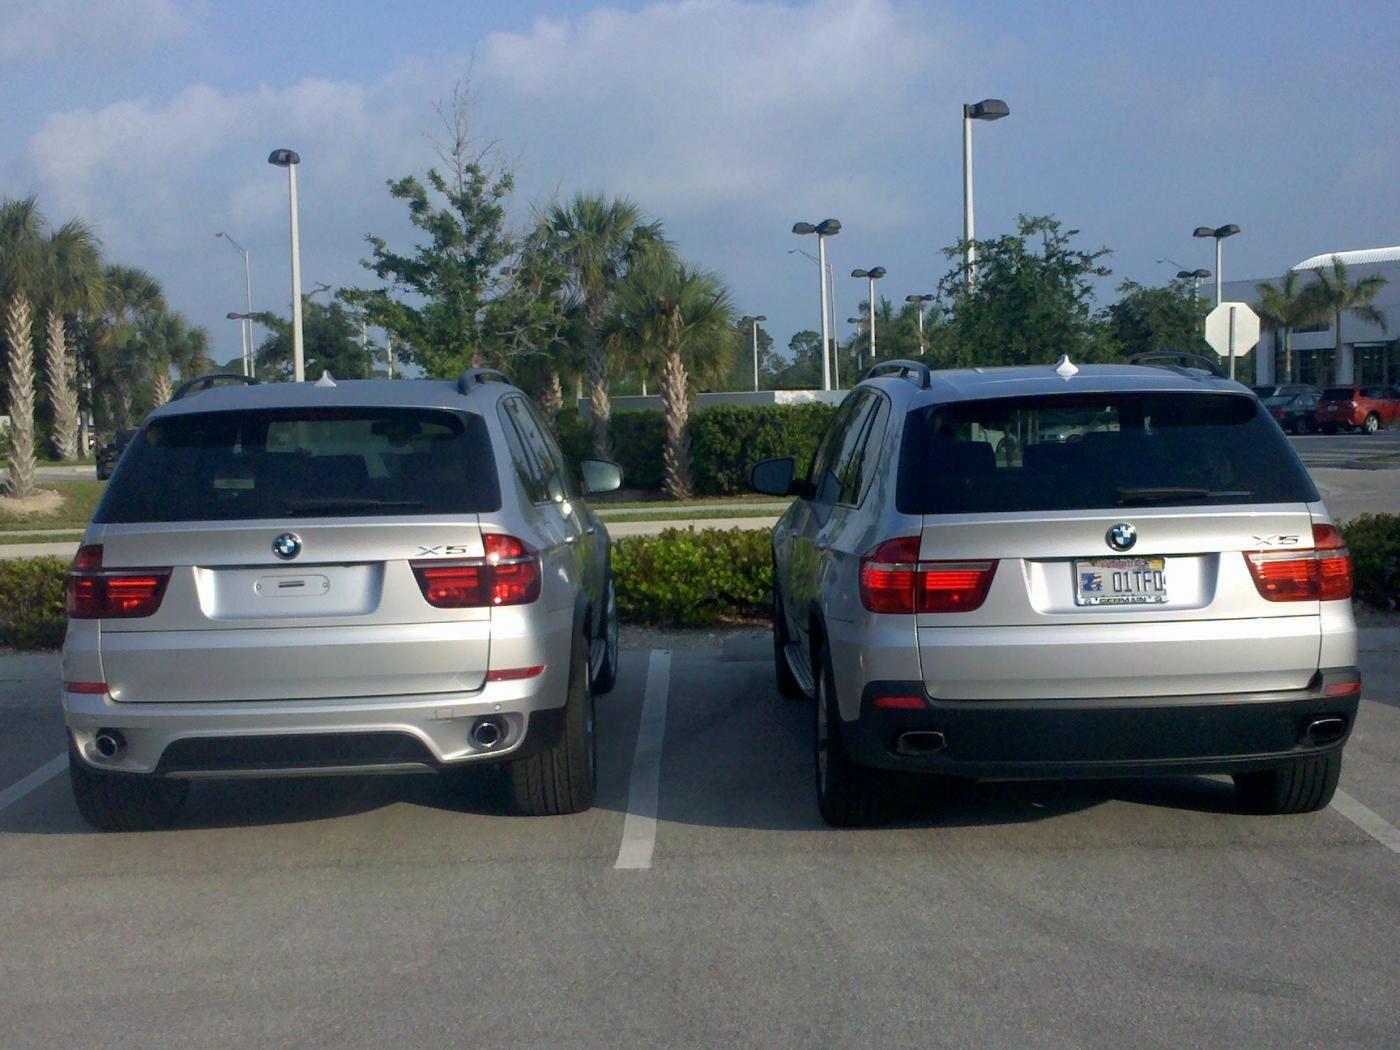 2010 BMW X5 vs 2011 X5 in pictures  Xoutpostcom  BMW X5